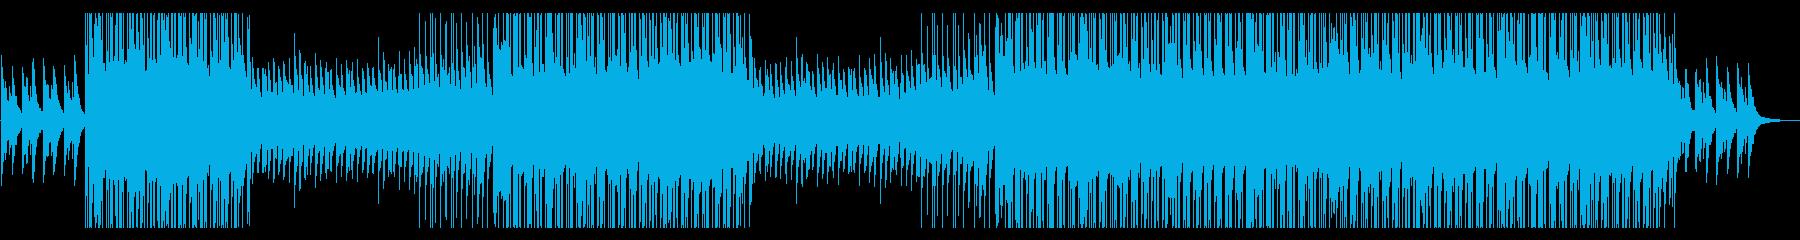 ピアノが印象的な切ないバラードの再生済みの波形